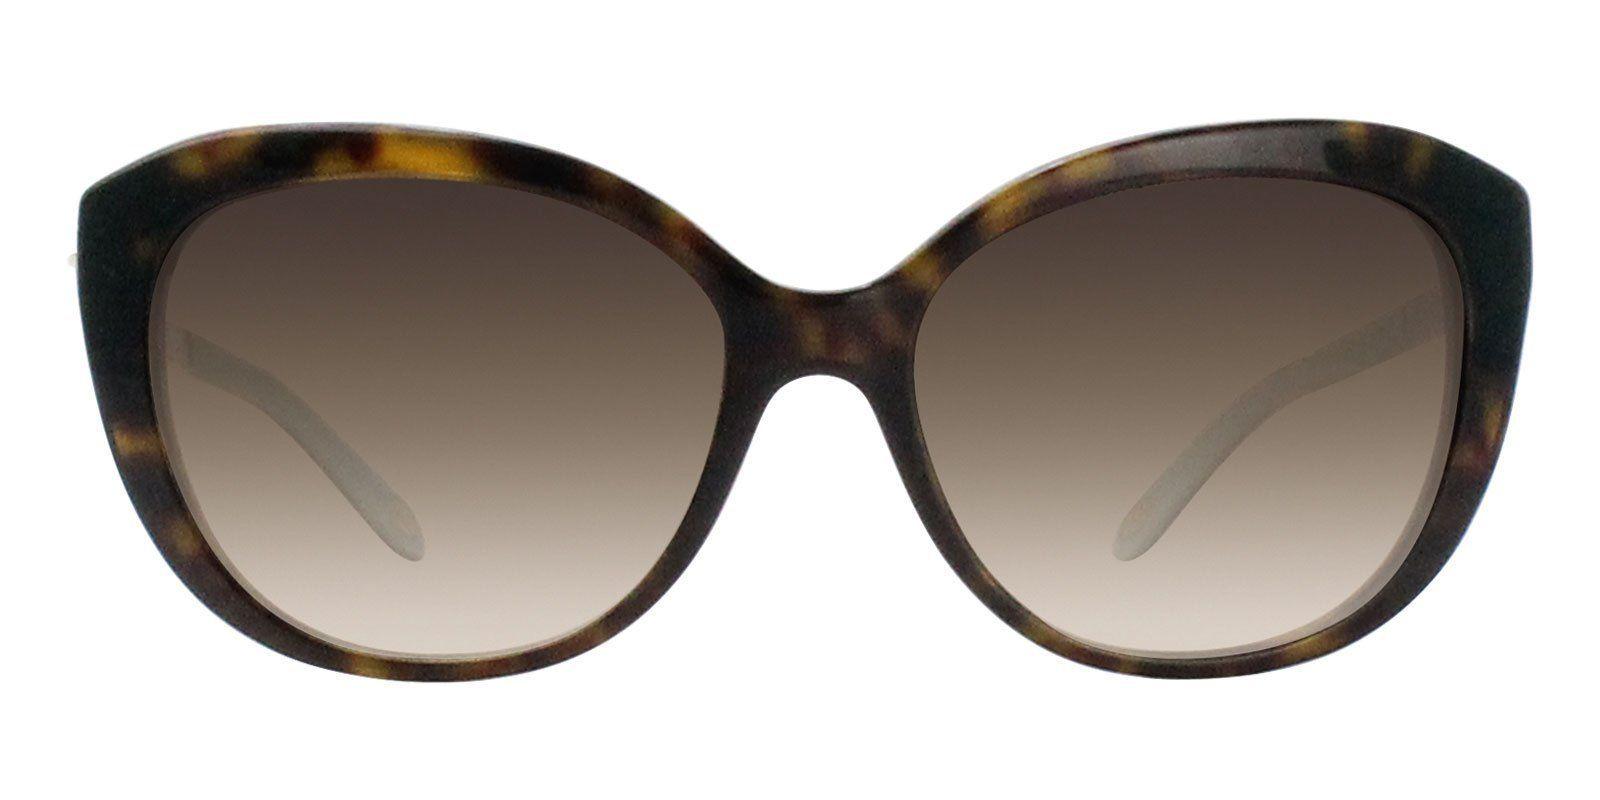 b708d6a507d Tiffany - TF4130 Tortoise - Brown sunglasses